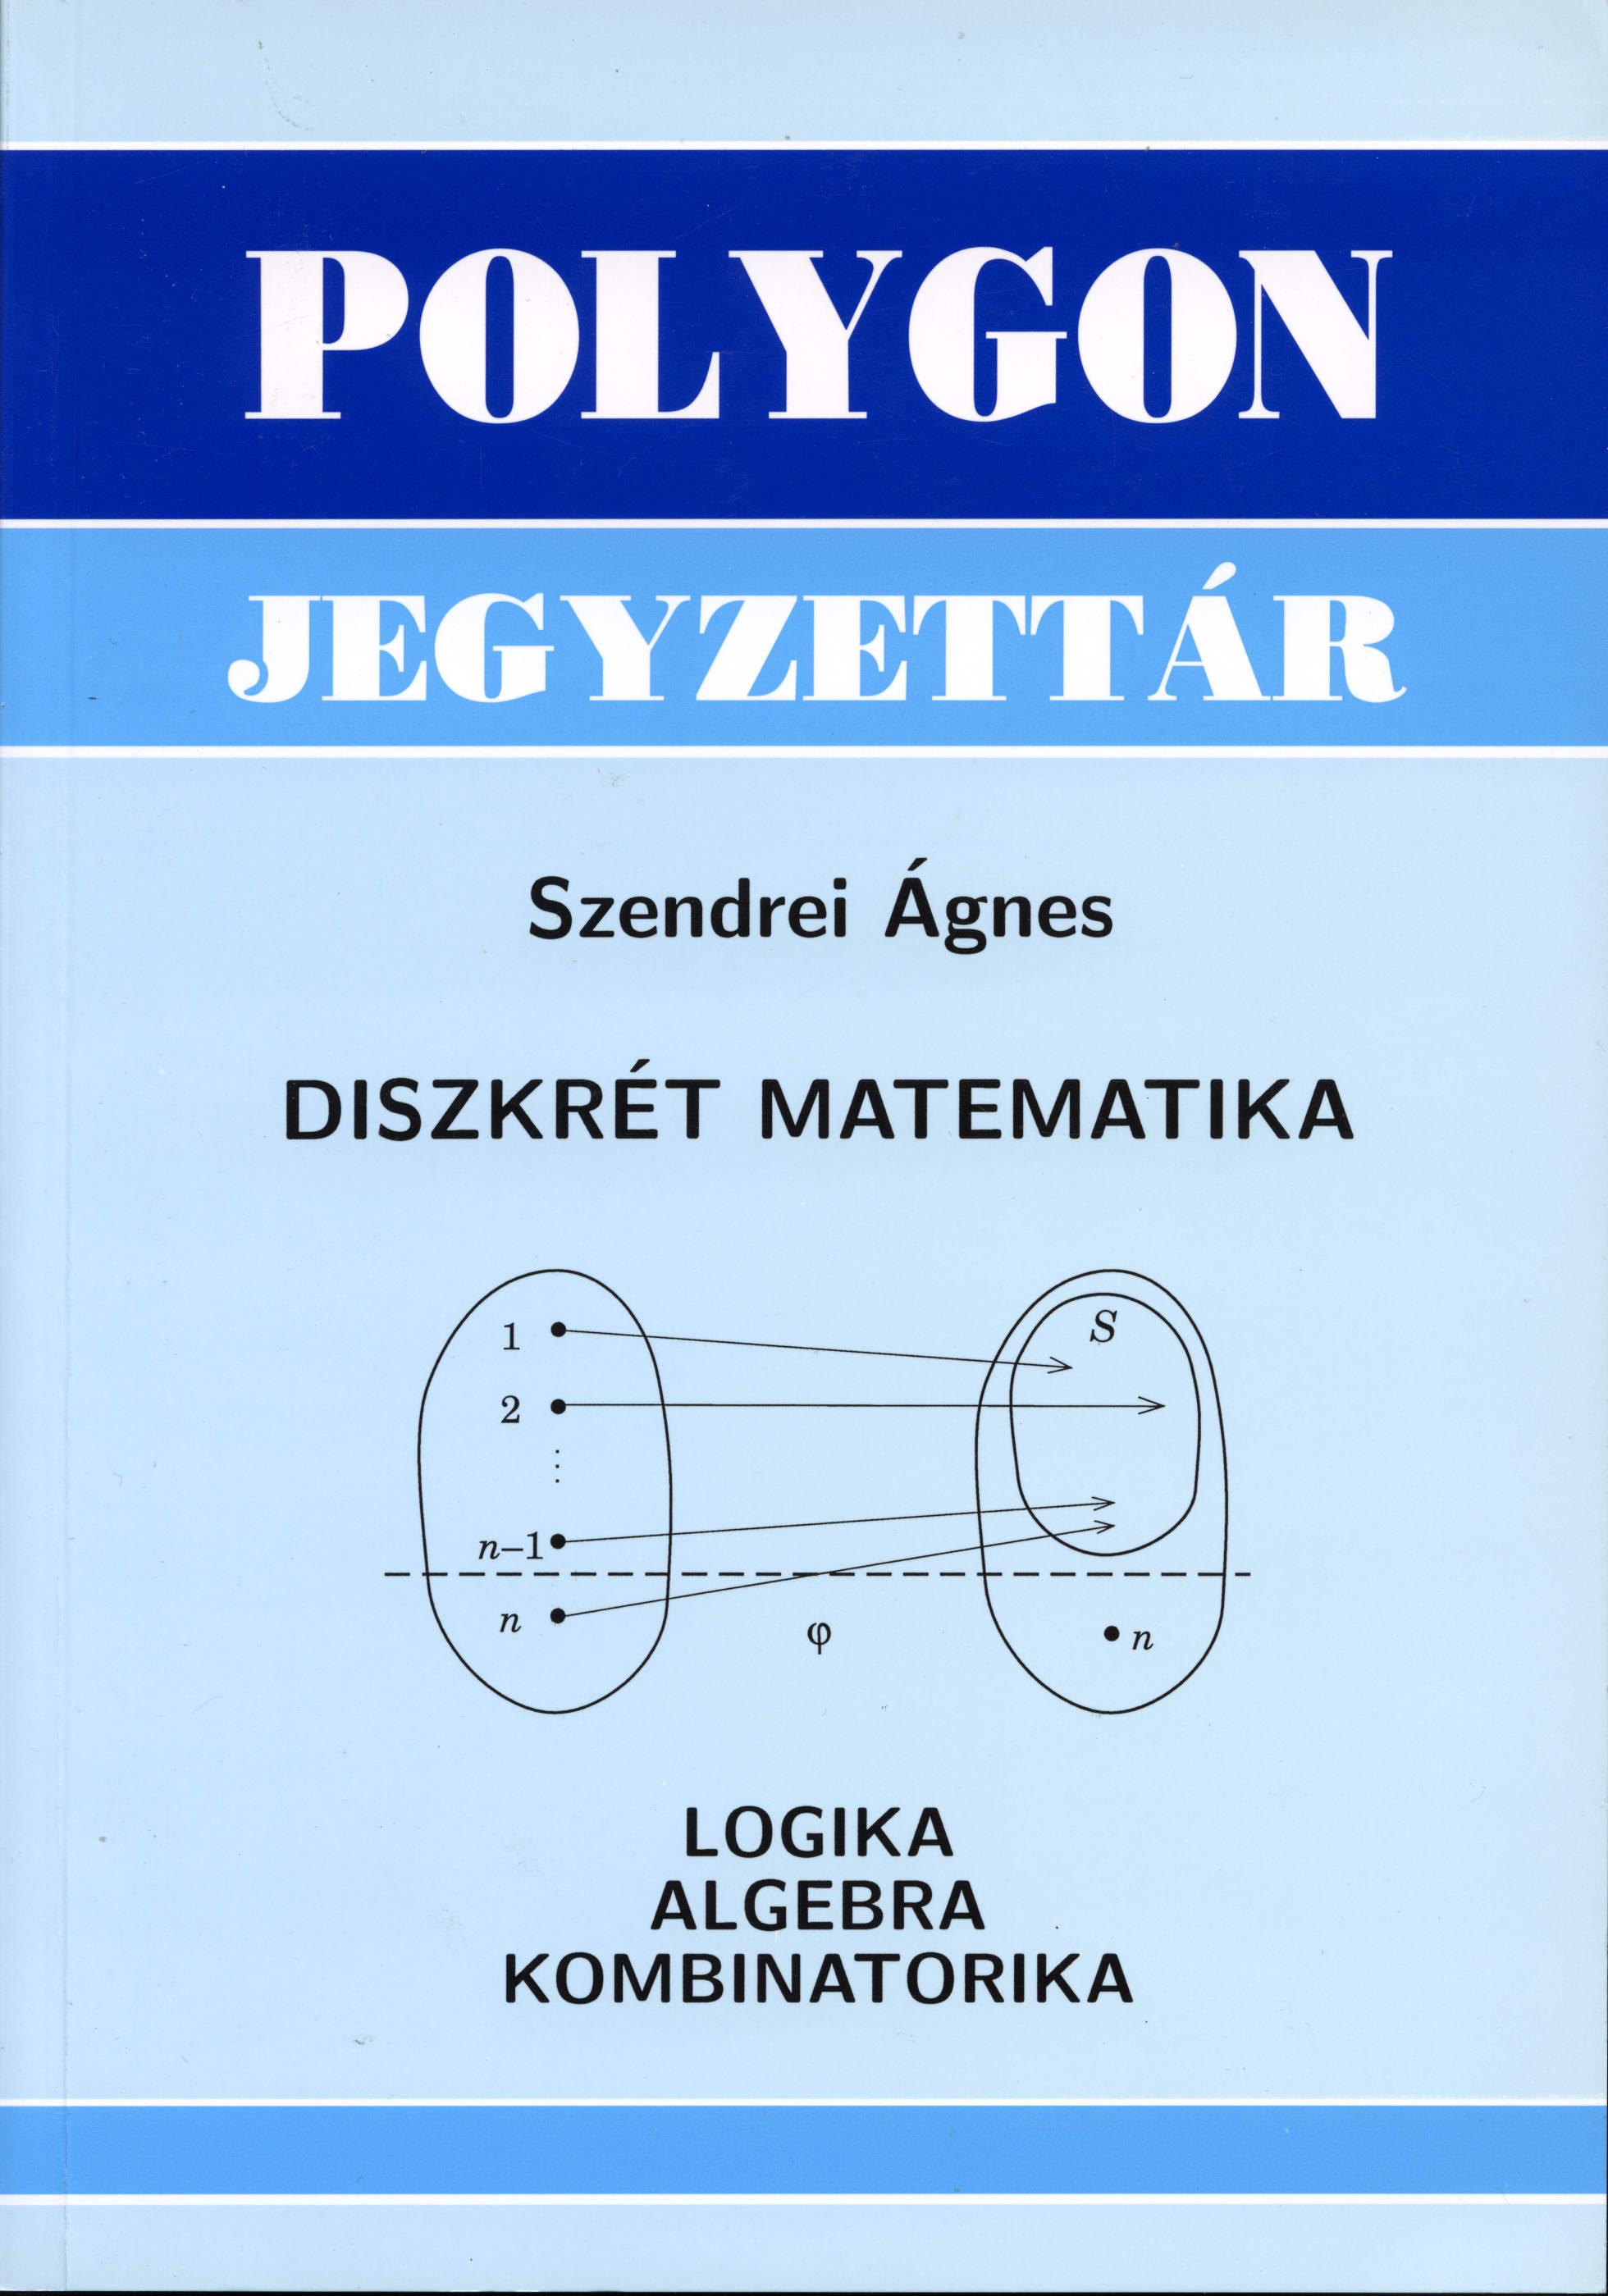 Diszkrét matematika - Polygon jegyzet